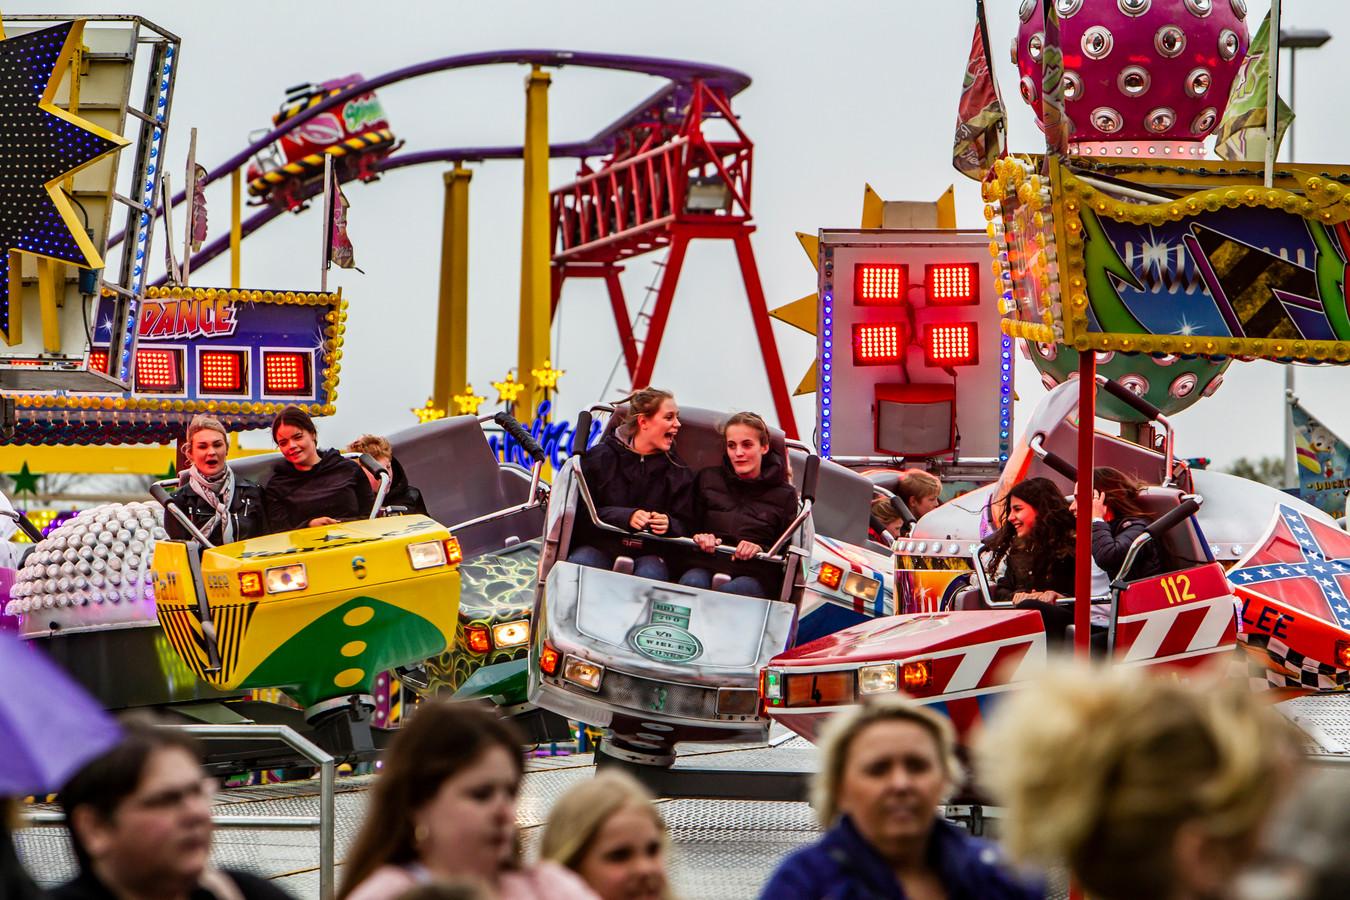 Het evenemententerrein aan de Roland Holstlaan staat bekend vanwege de Paaskermis, maar op 3 juli wordt hier het Stadsfestival gehouden. Een bewoner van de Platvoetsdijk vraagt om meer maatregelen tegen geluidhinder.